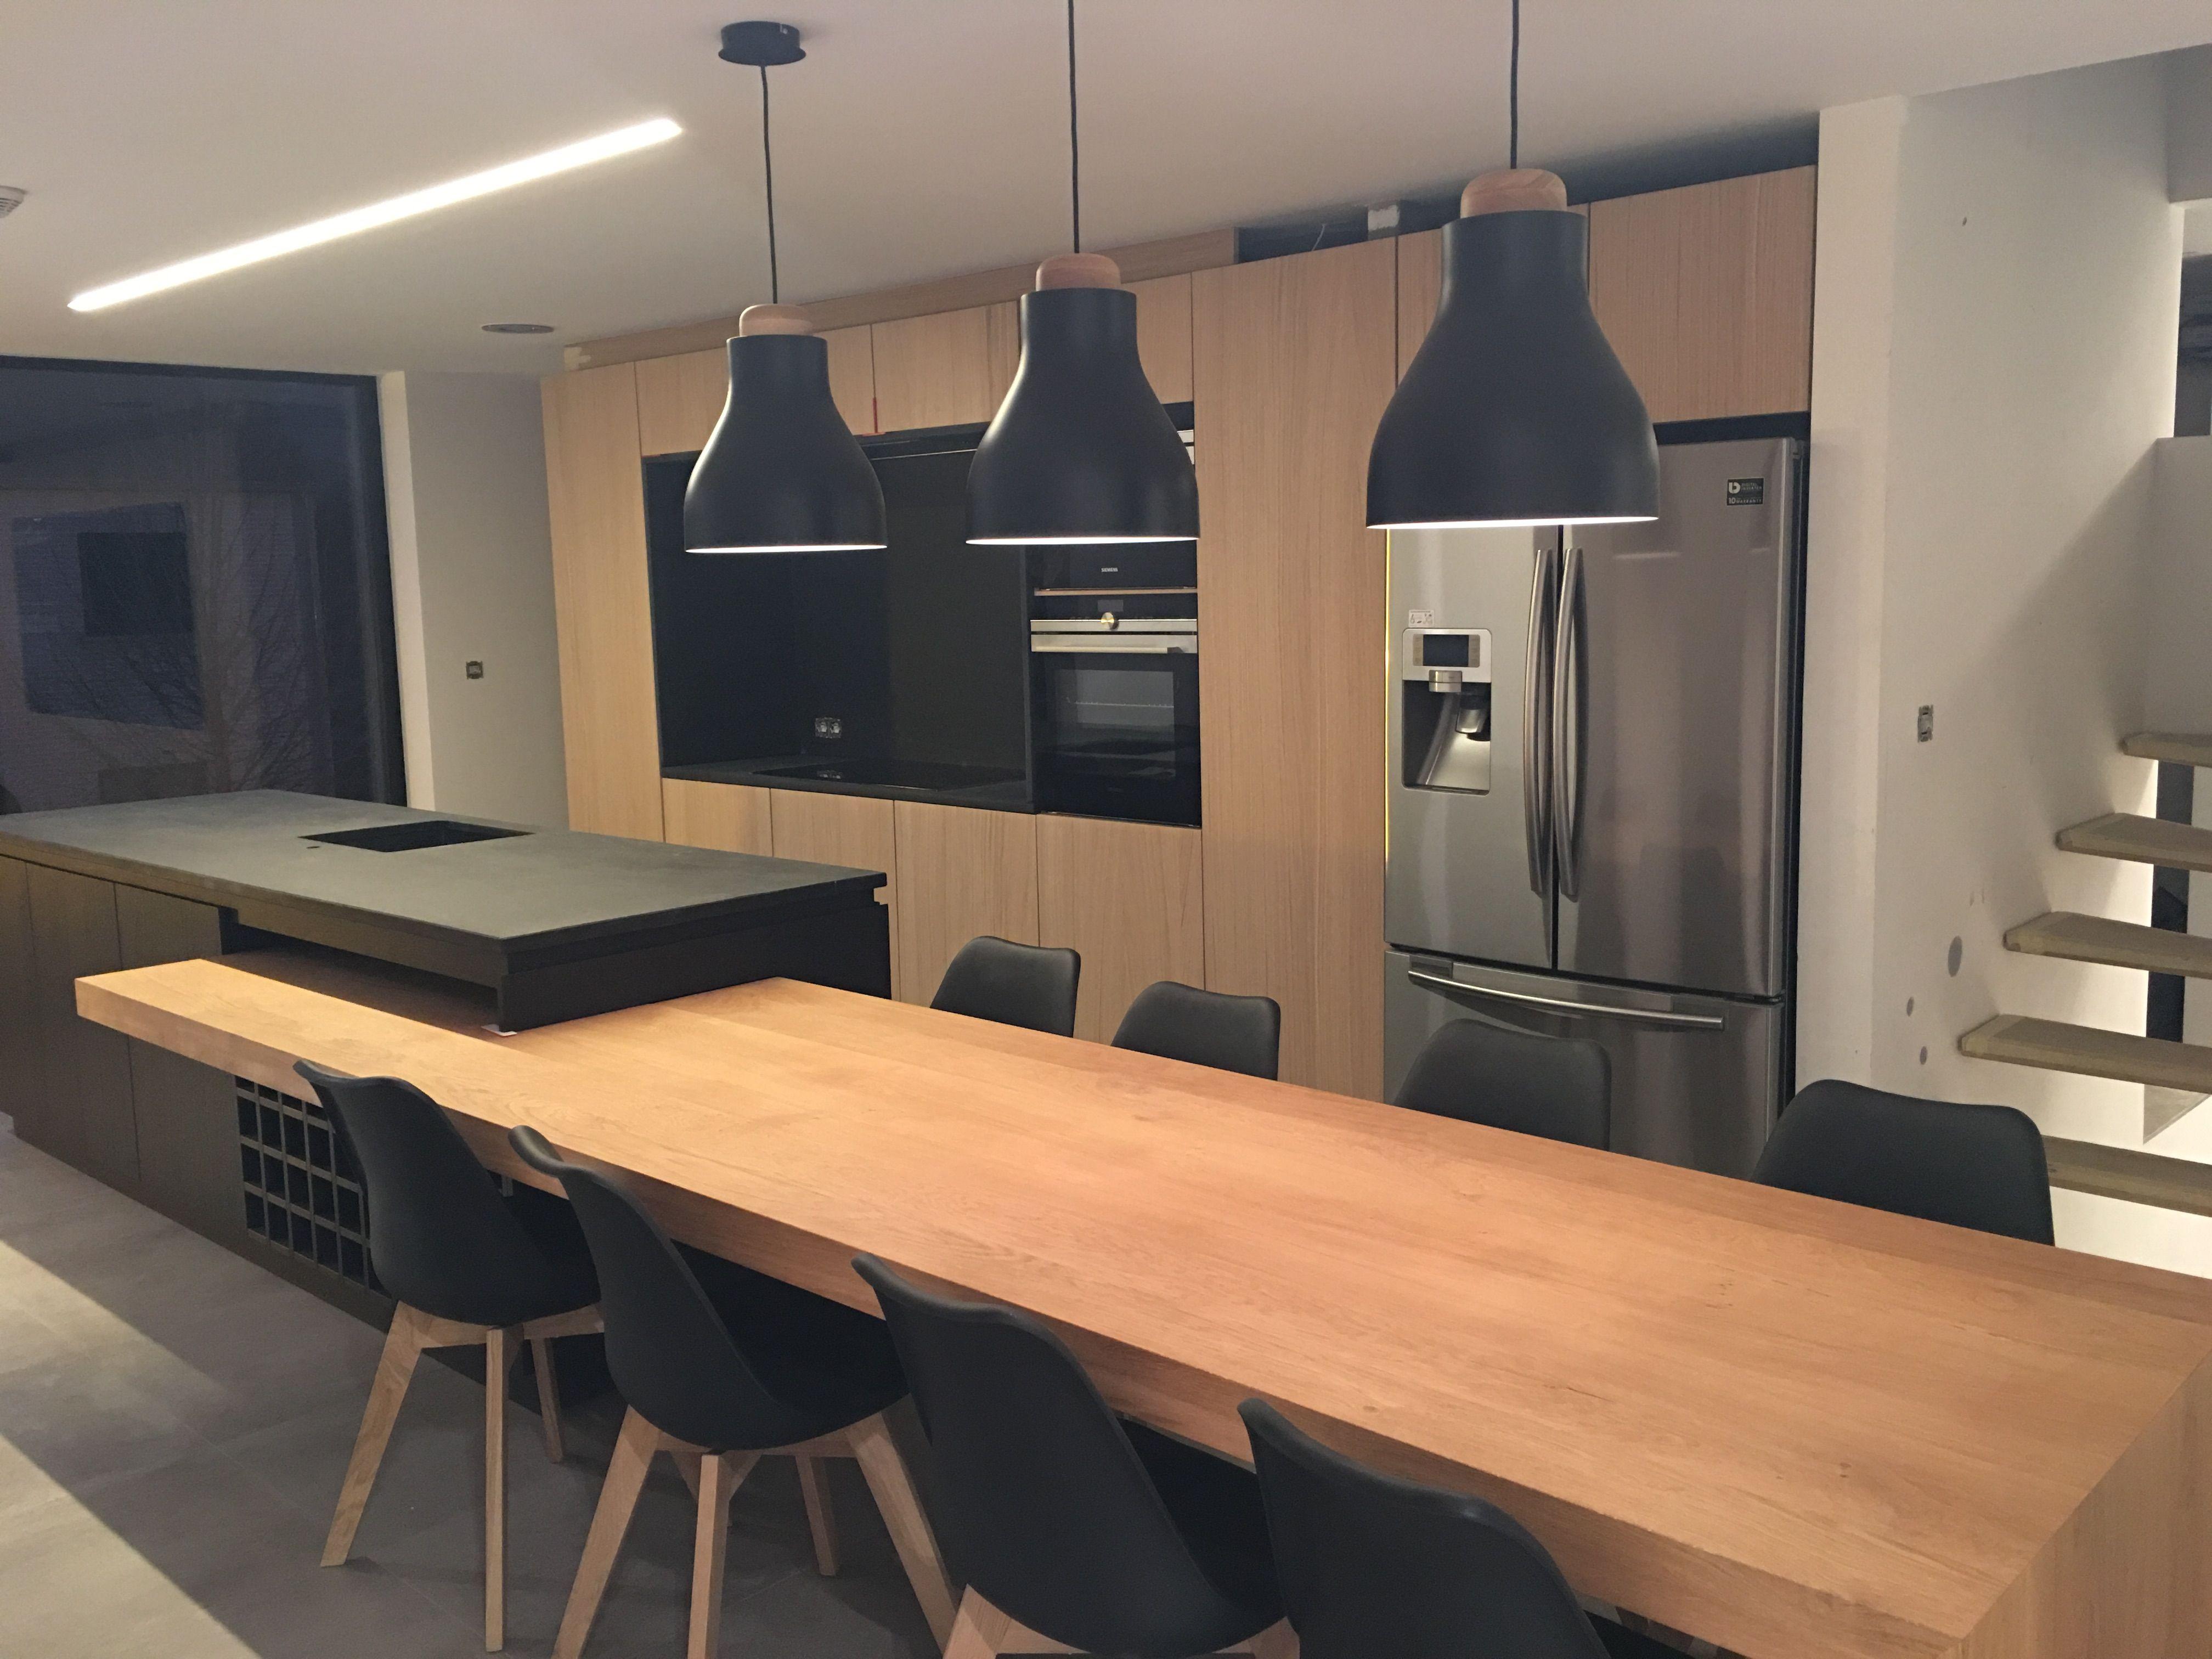 Cuisine noire et bois avec ilot cuisine ouverte - Plan de maison avec cuisine ouverte ...